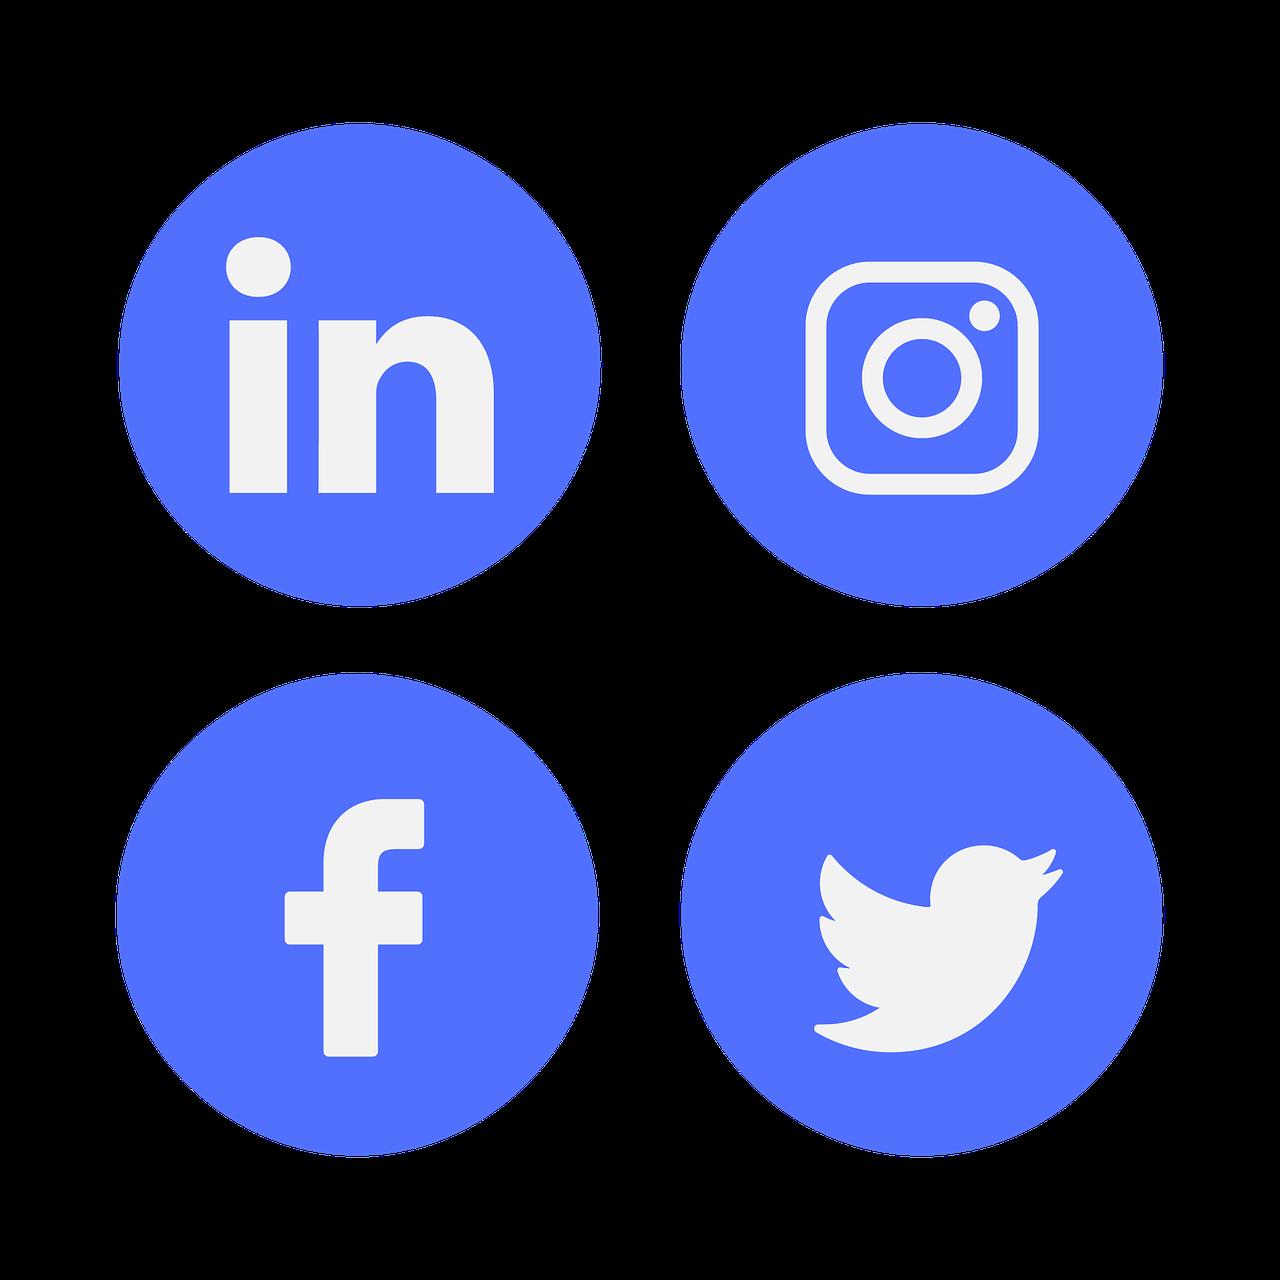 icon social media linkedin 2083456